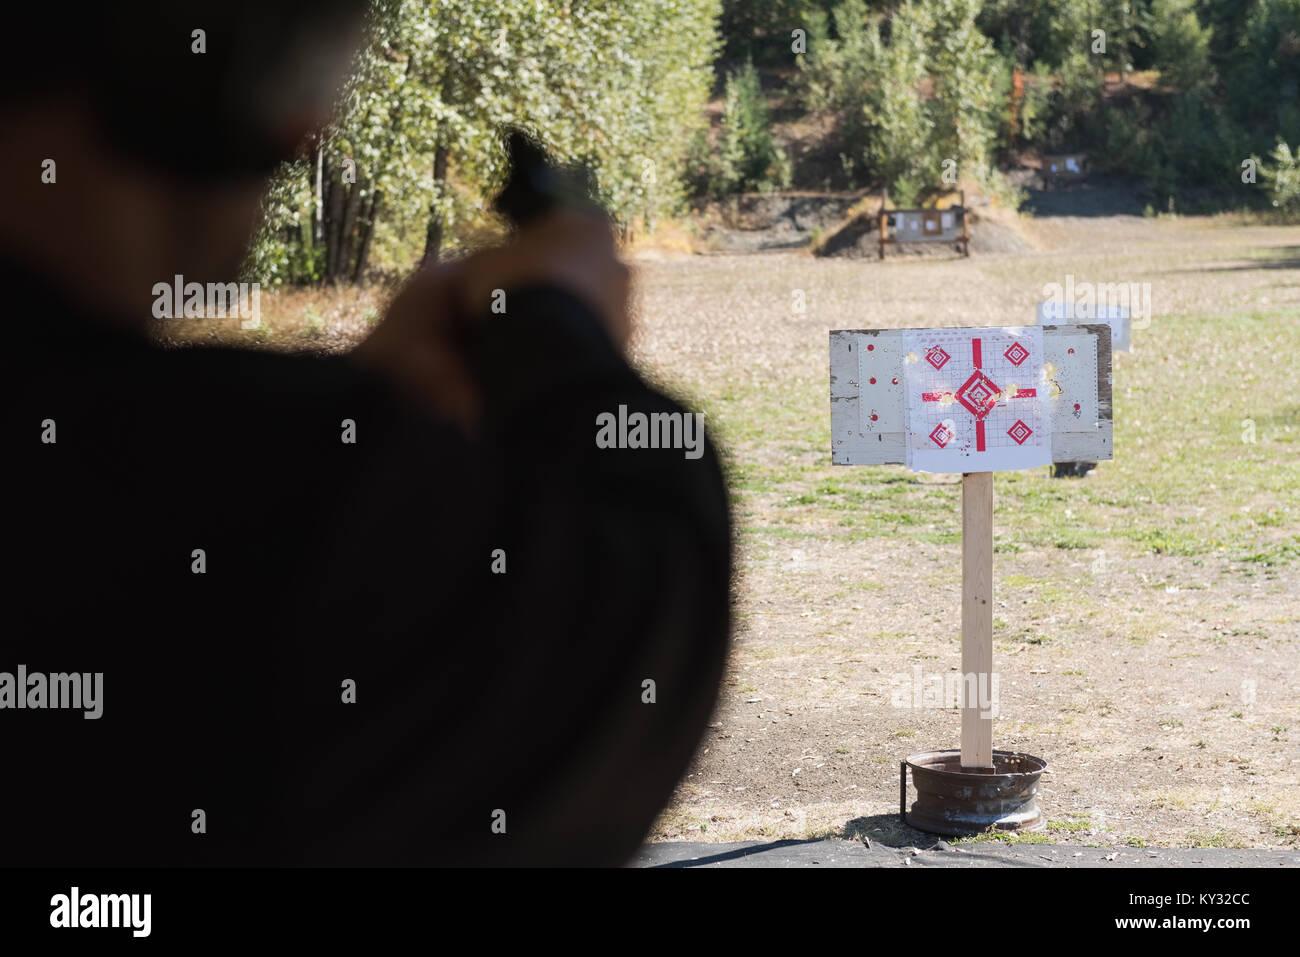 Man aiming gun at target in shooting range - Stock Image